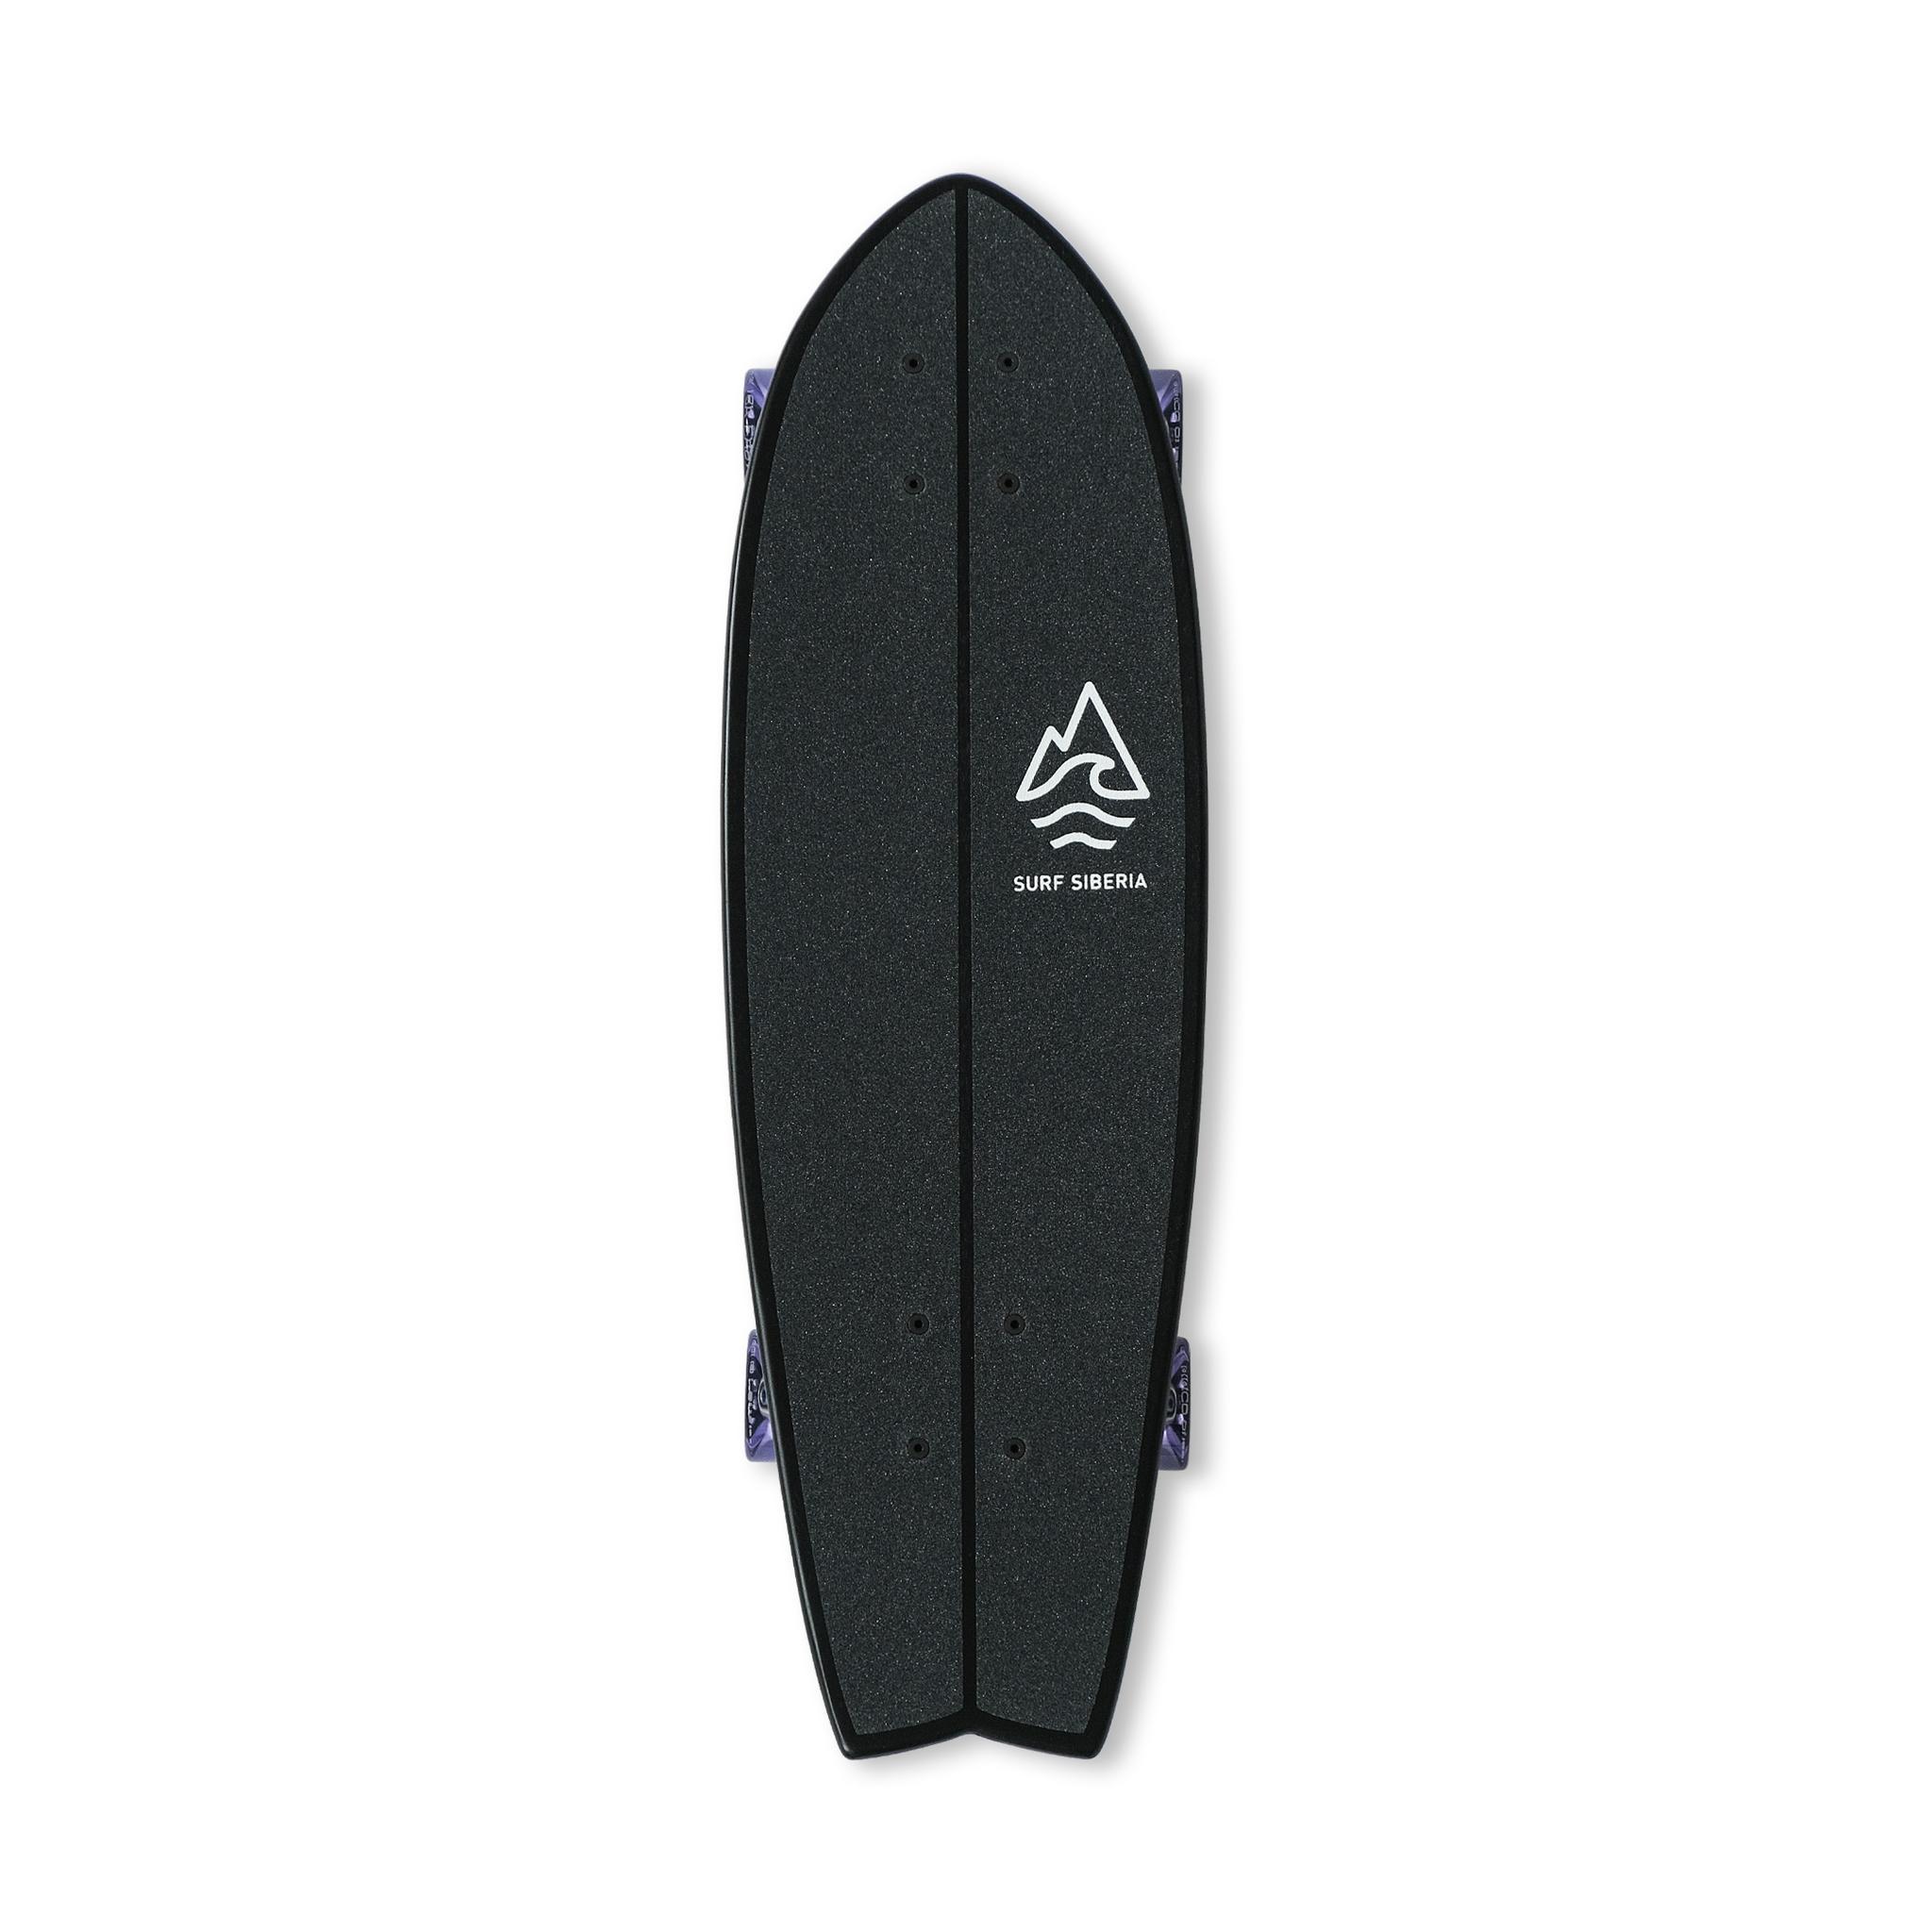 Круизер Eastcoast SURF SIBERIA 27 x 8.25